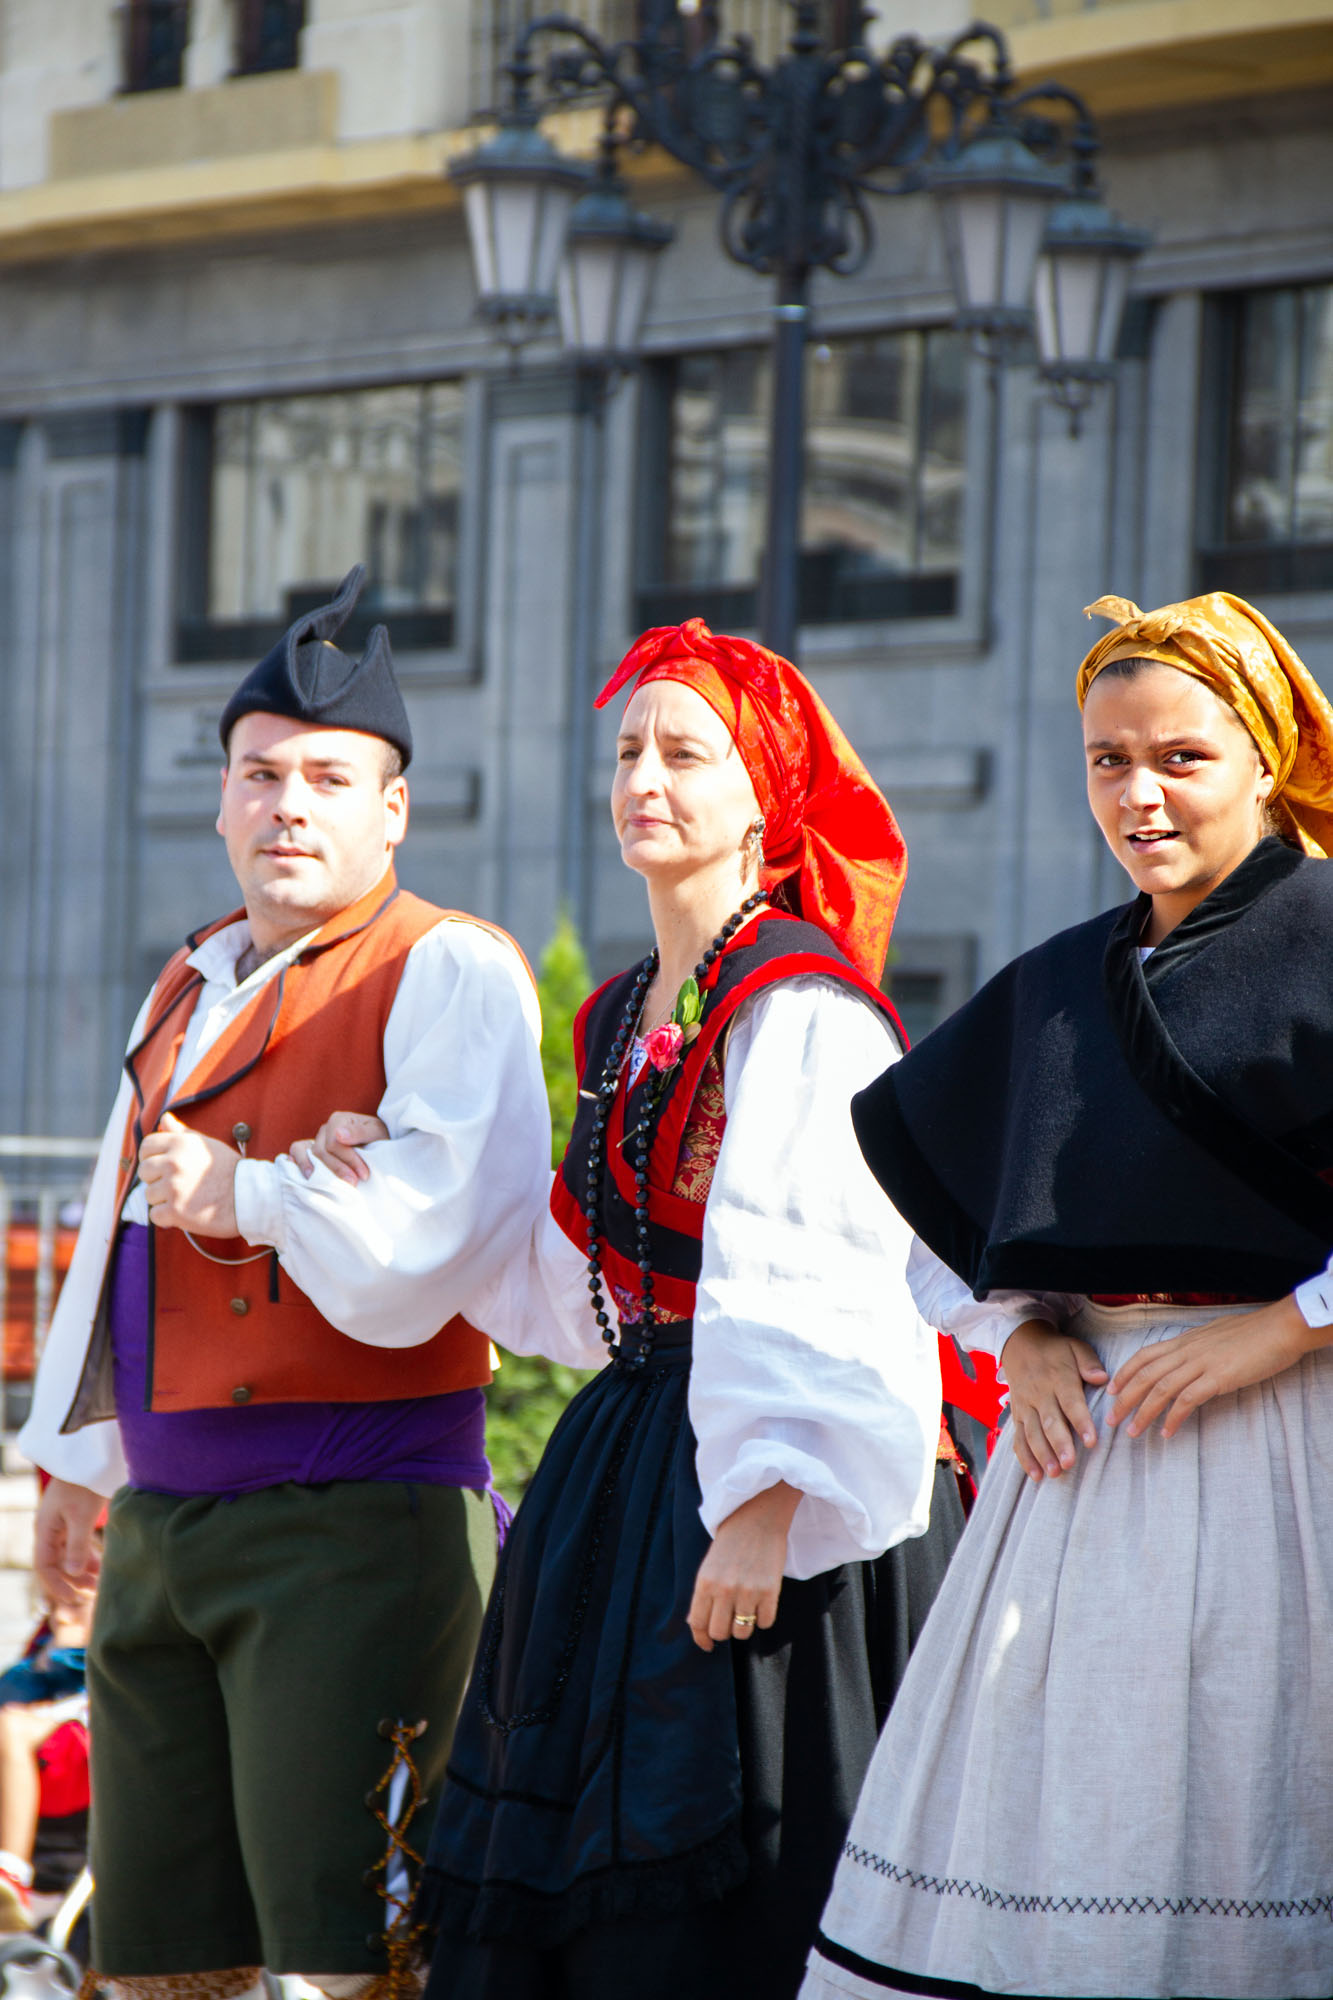 People of Asturias Photo